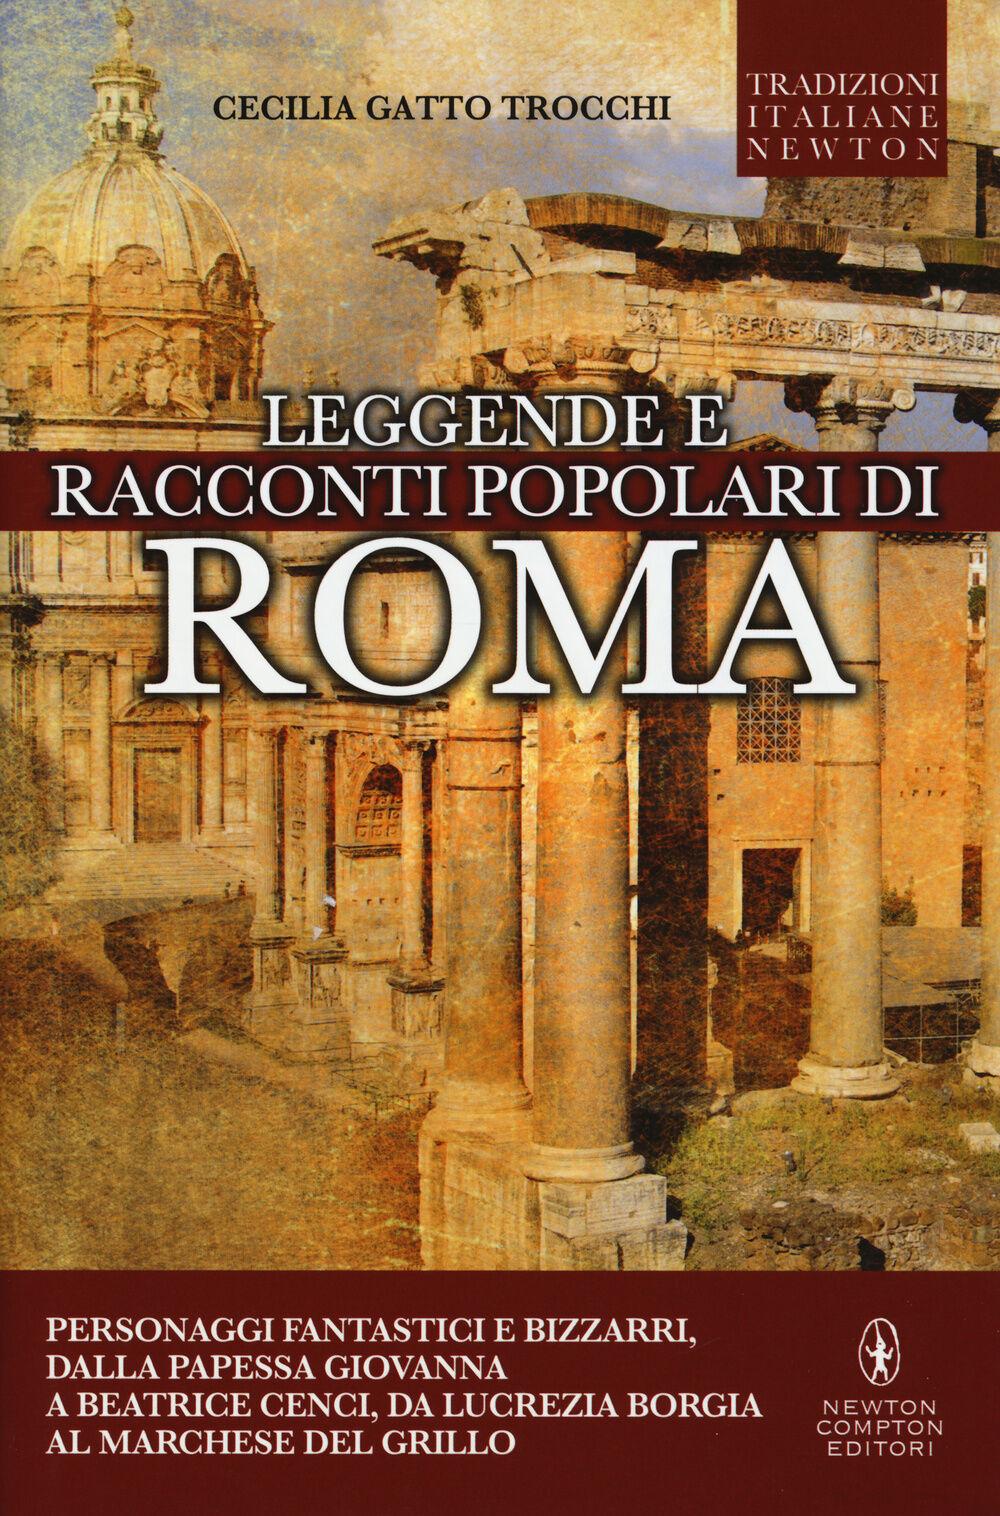 Leggende e racconti popolari di Roma